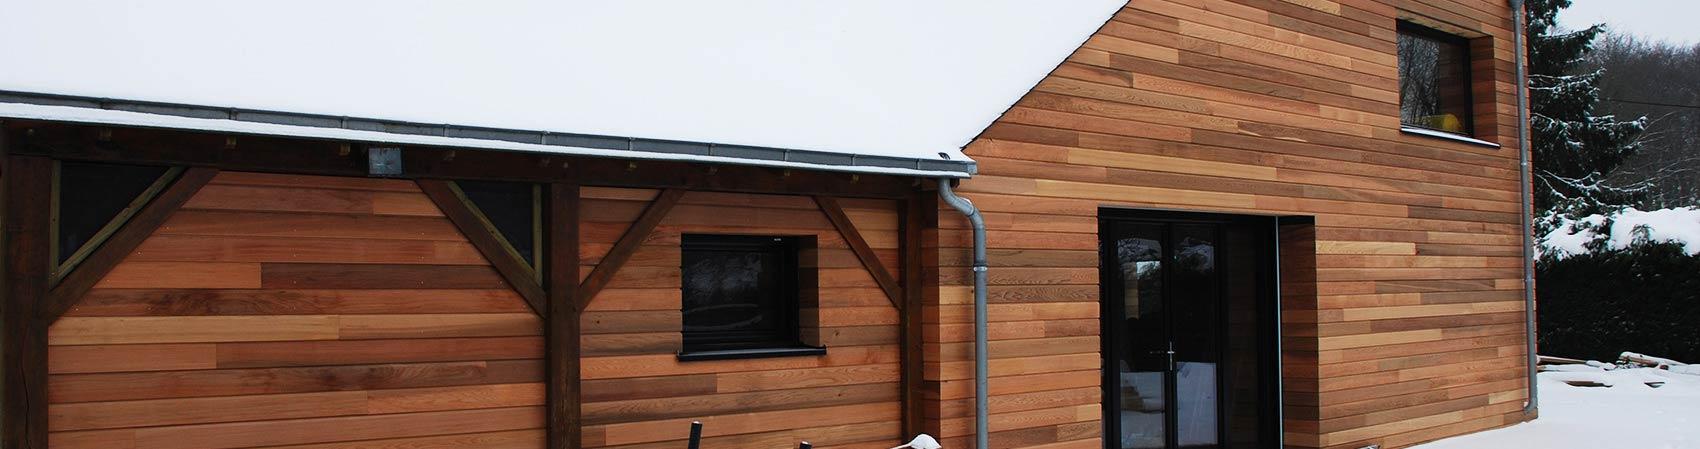 charpentier rennes bardeur ossature bois gueguen construction isolation thermique par l. Black Bedroom Furniture Sets. Home Design Ideas